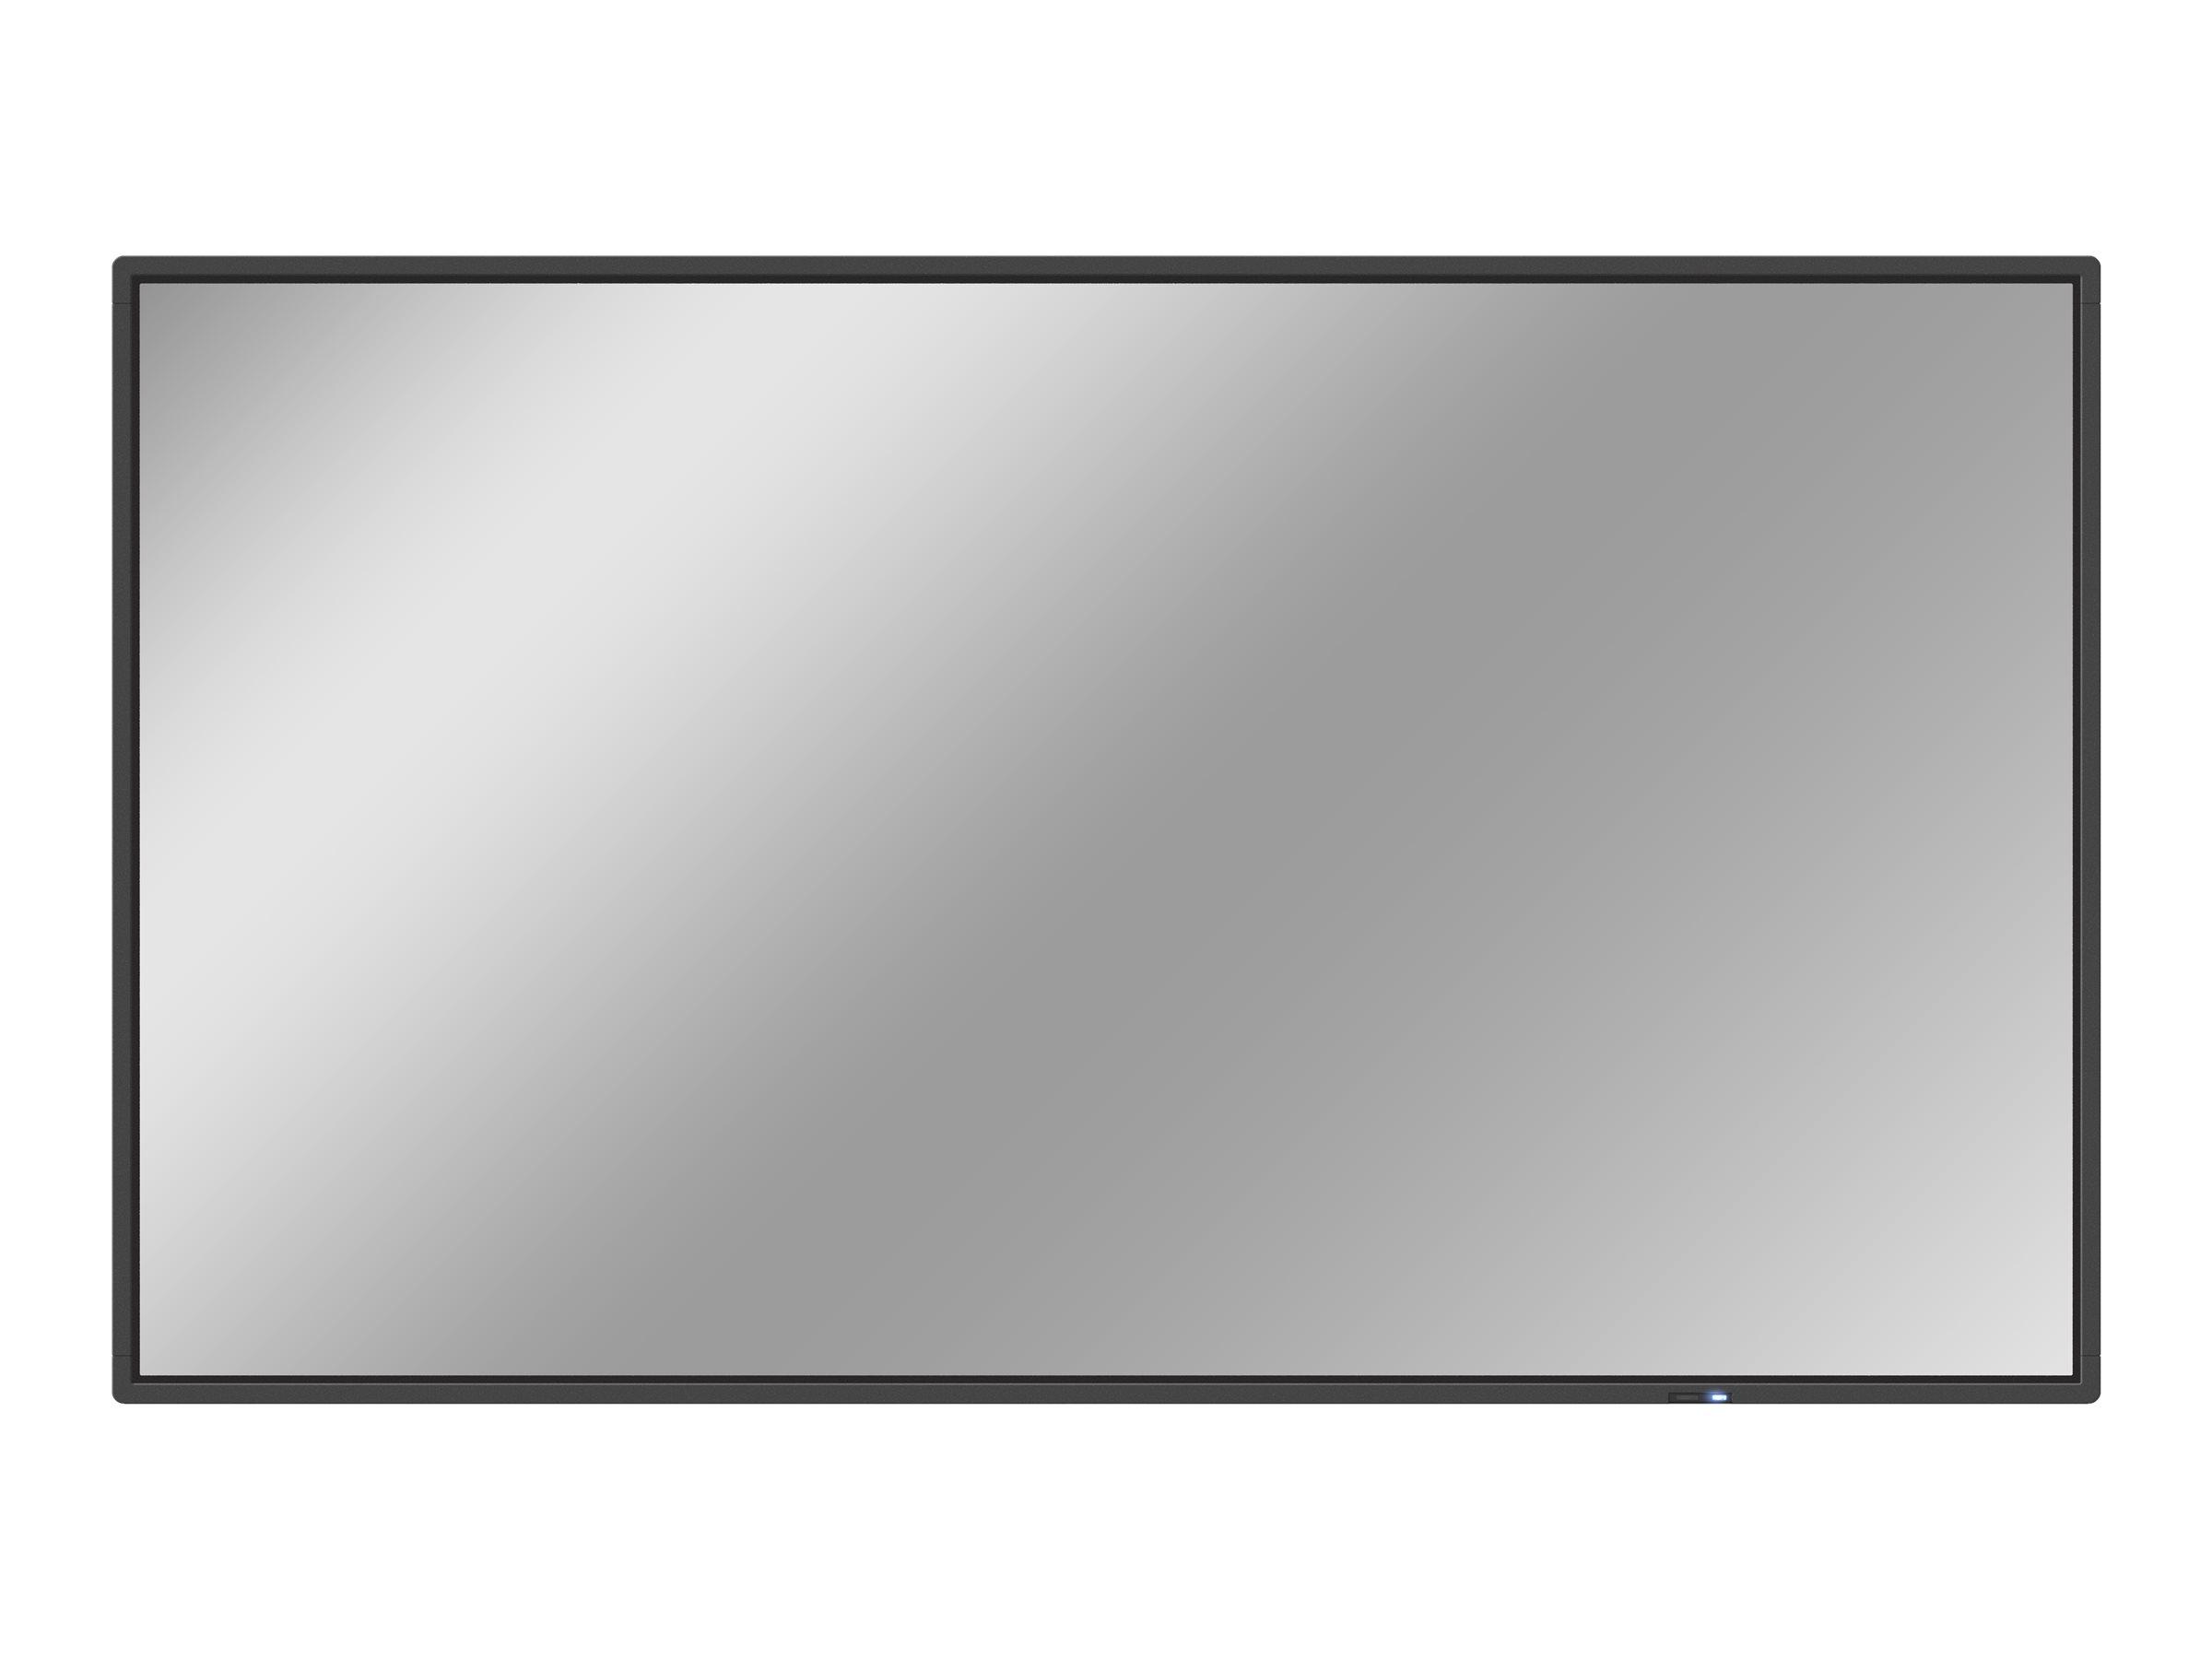 NEC MultiSync P484 MG - 120.9 cm (48